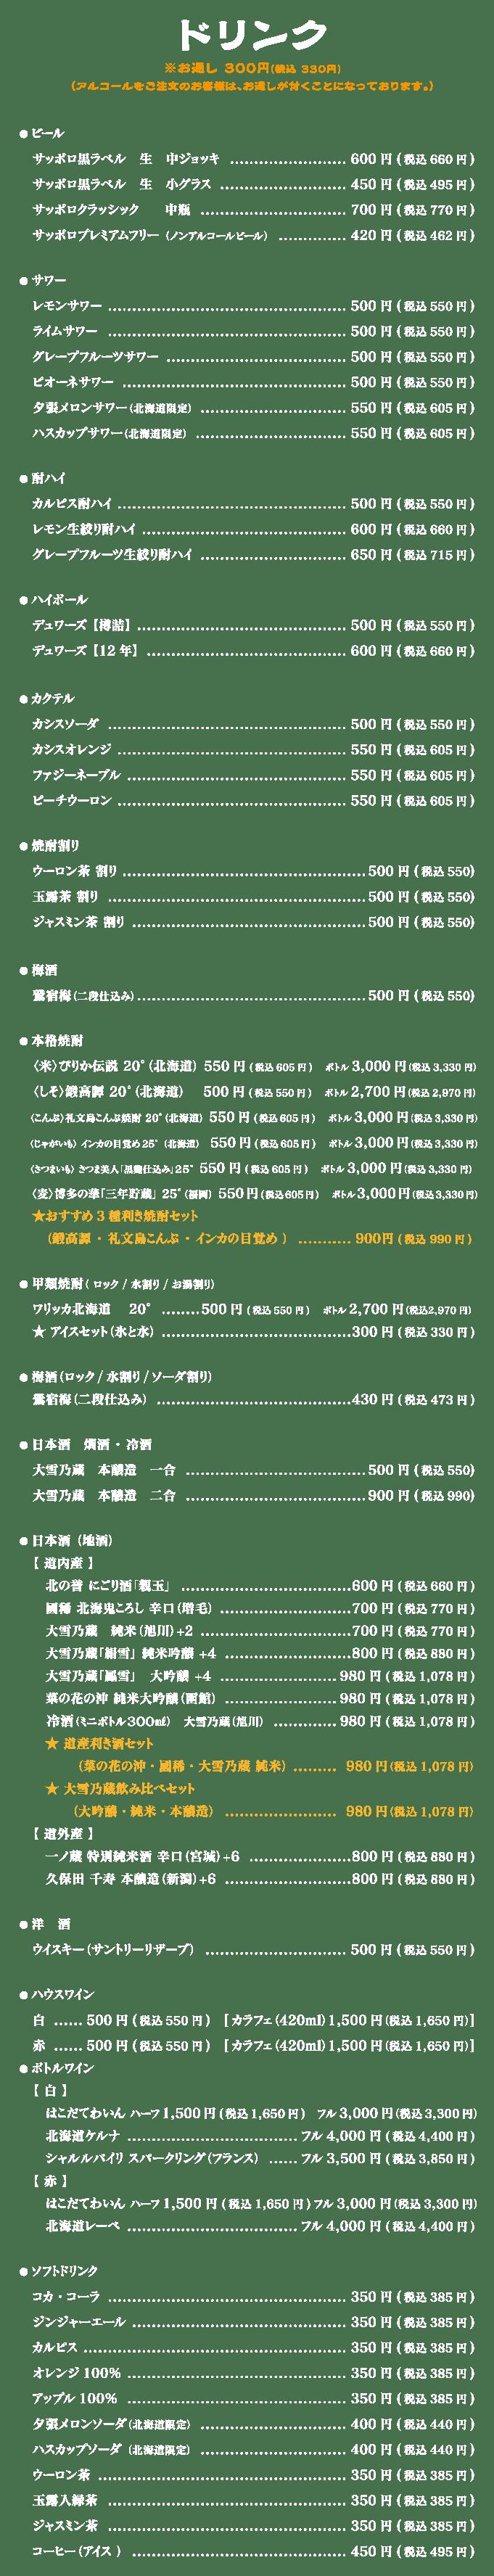 【ドリンクメニュー】ベイエリア店のディナーメニュー